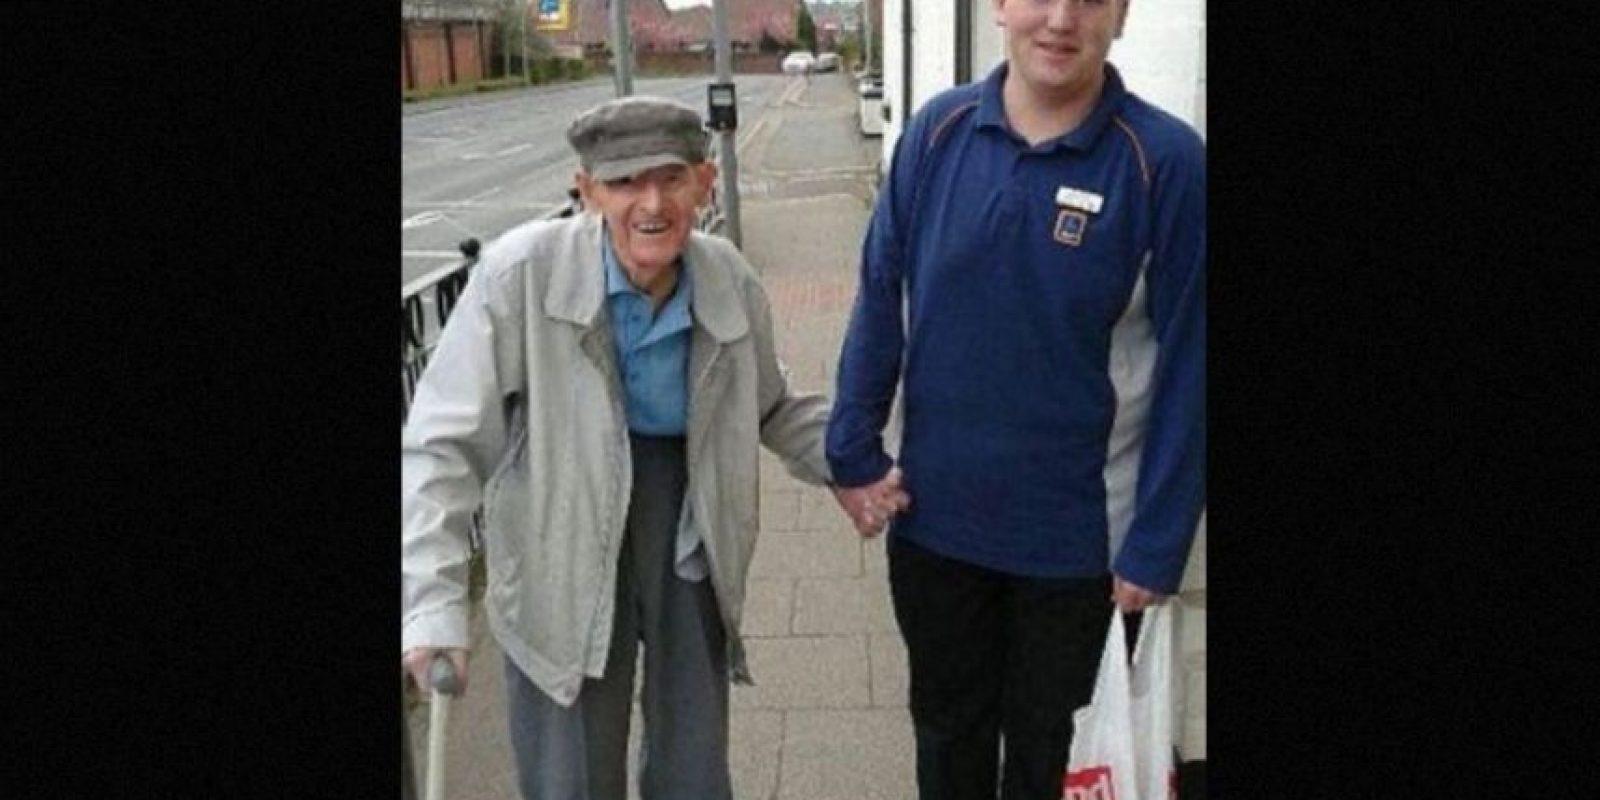 Christian Trouesdale tiene 18 años y trabaja medio tiempo en un supermercado. Ayudó a un anciano de 95 años a cargar su bolsa de compras hasta su casa. Su acción se hizo viral Foto:Foto: vía Facebook/Samantha-Jayne Brady